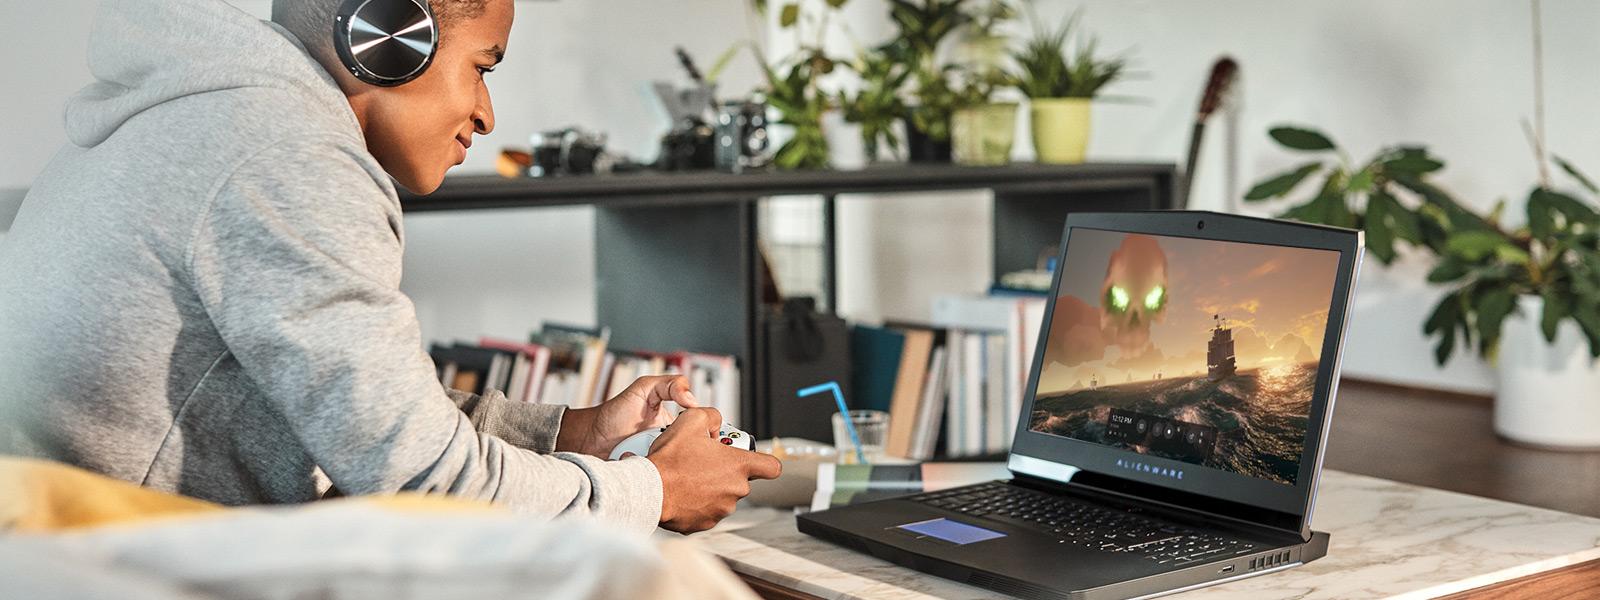 Hombre con auriculares que usa un mando Xbox para jugar a Sea of Thieves en una portátil para juegos con Windows 10